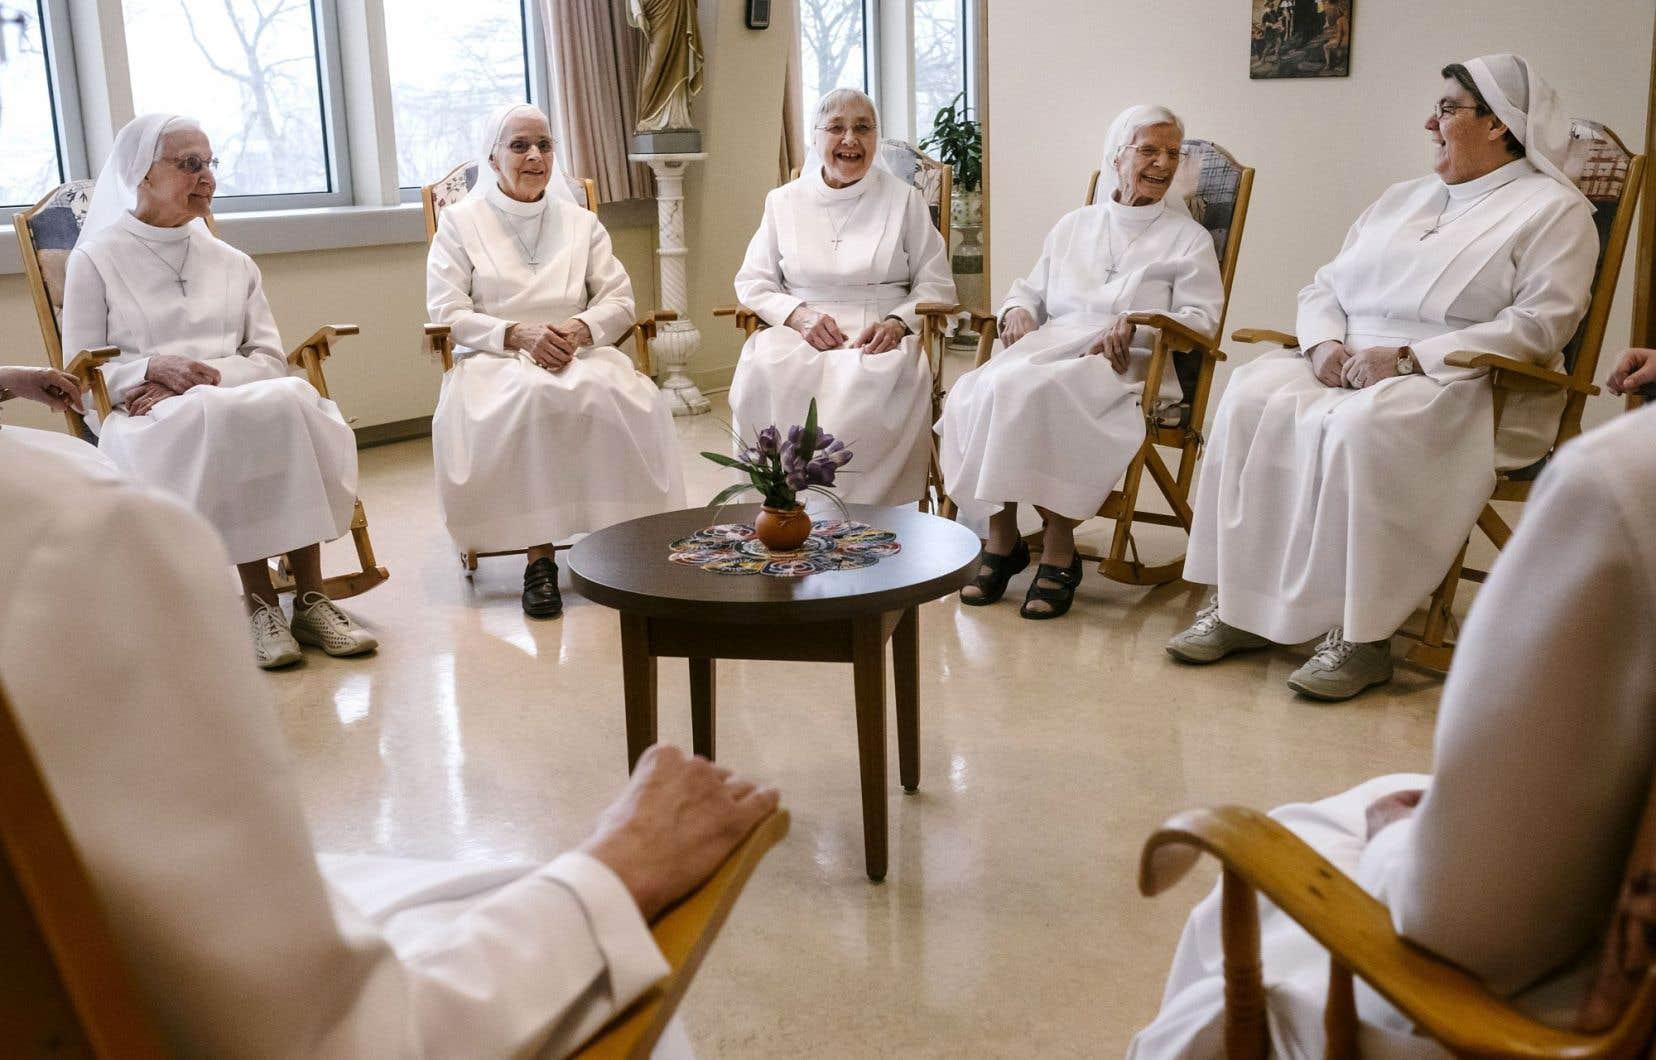 Les sœurs Augustines, aujourd'hui retraitées, assurent une présence discrète mais un legs immense au sein de l'hôtellerie de Québec, dont elles sont les marraines spirituelles.